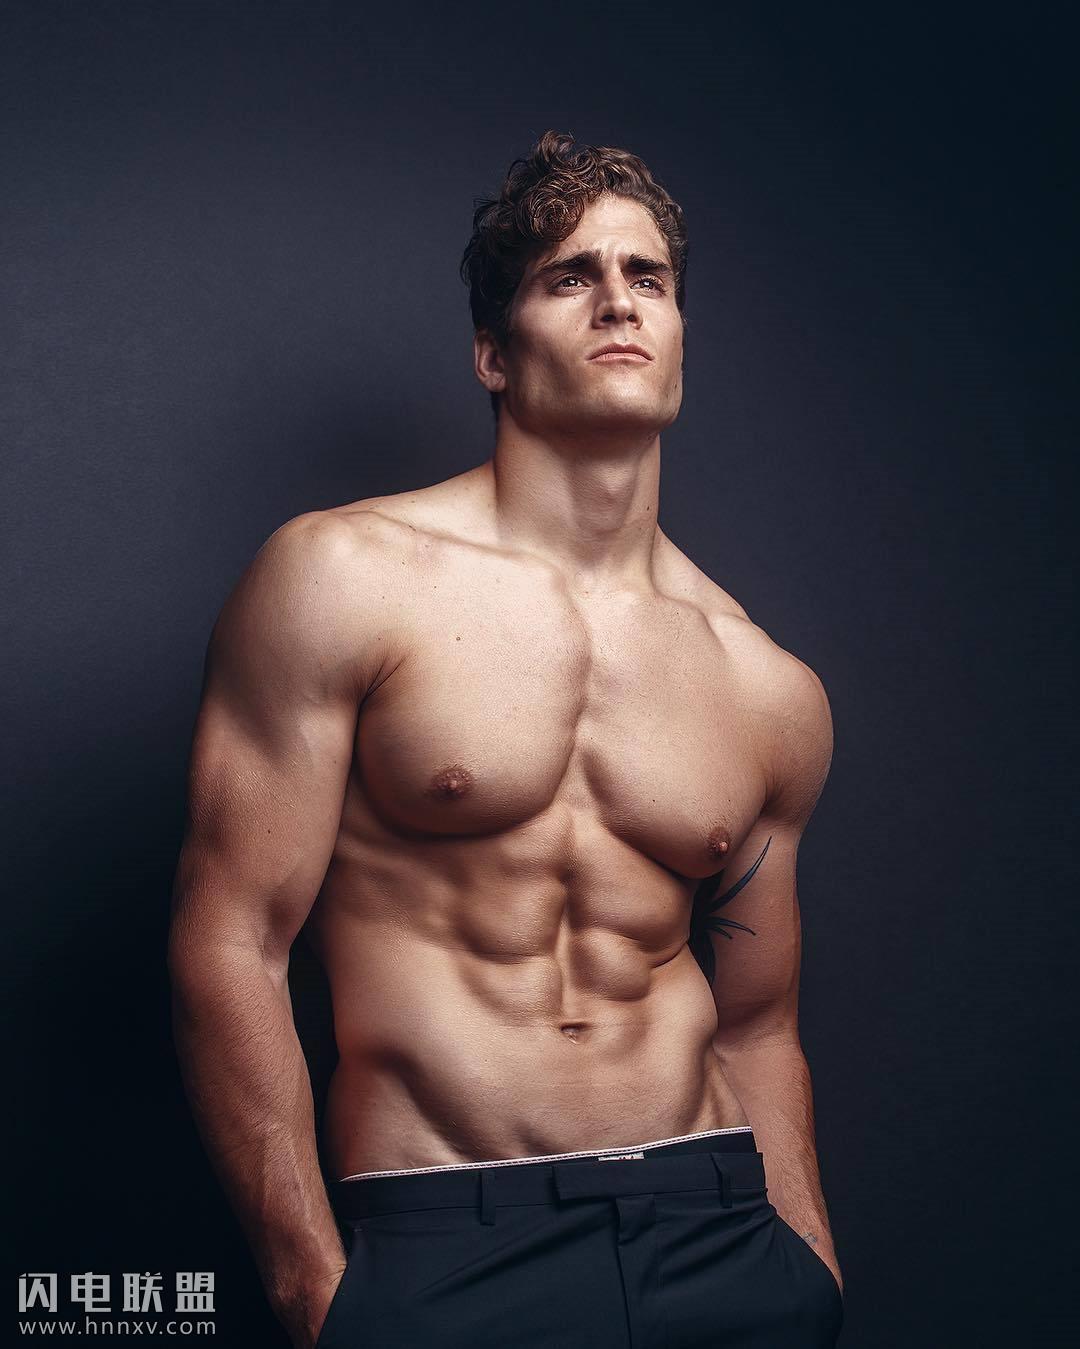 帅气美国肌肉帅哥写真